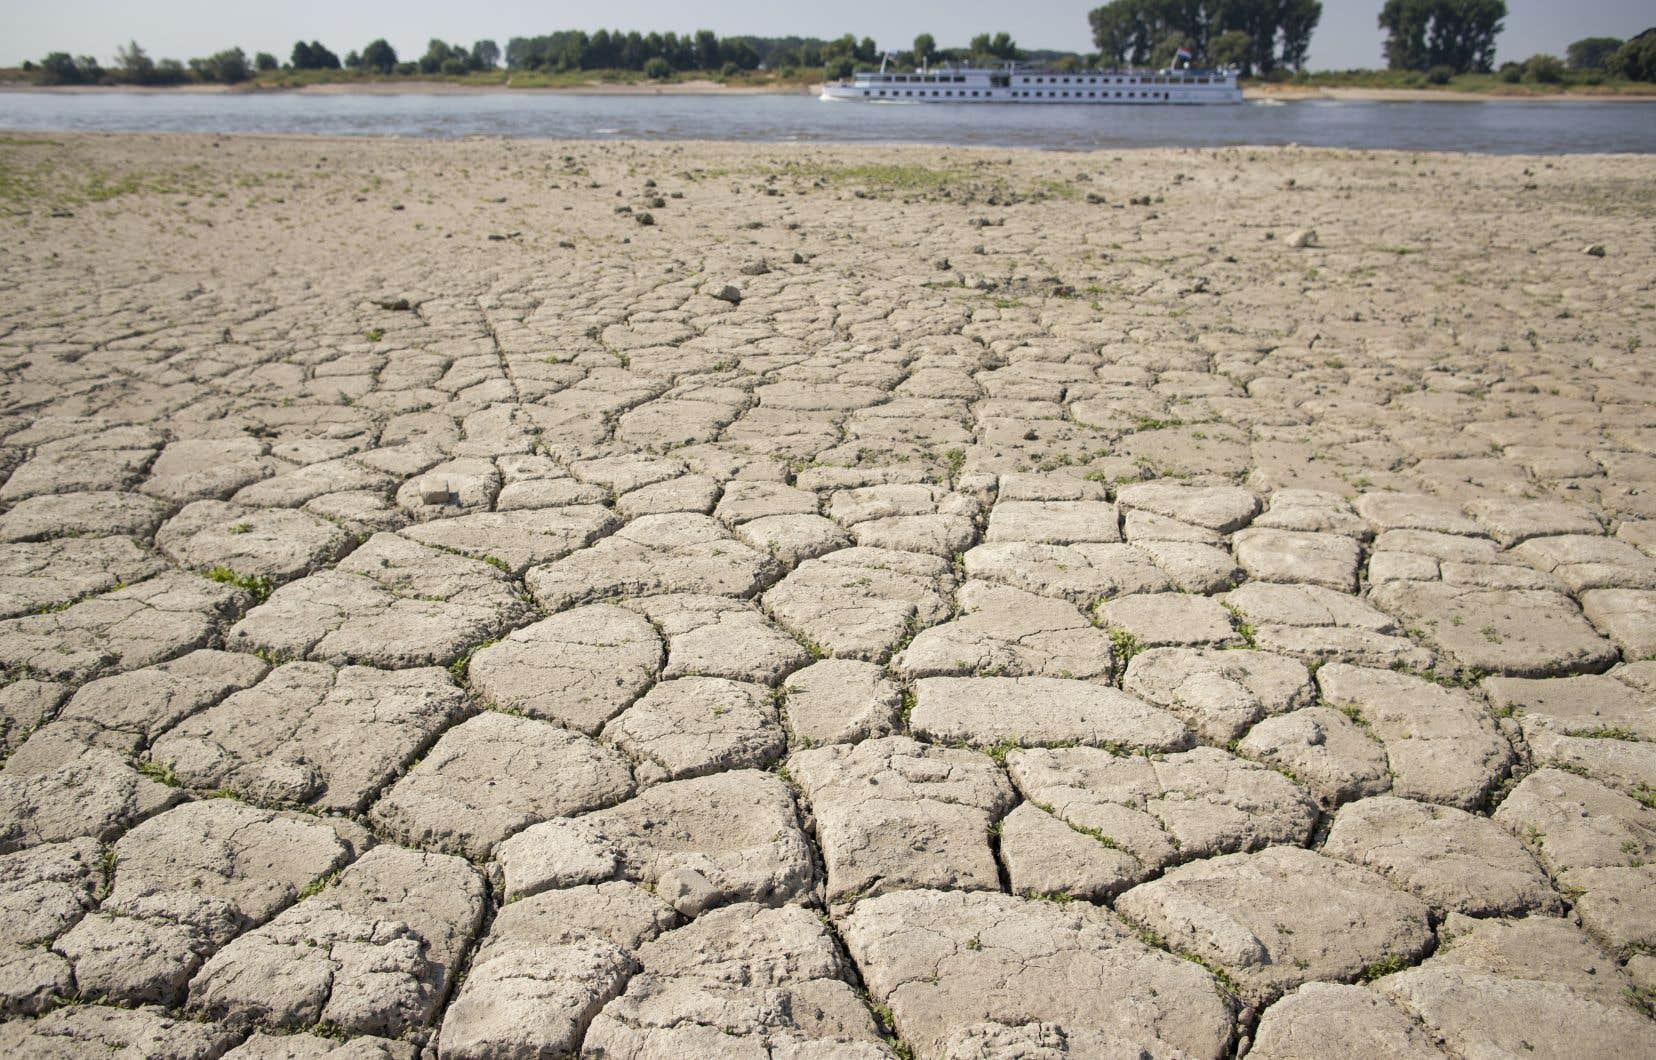 Selon la justice néerlandaise, il en va de la protection des citoyens du pays face aux impacts des changements climatiques.